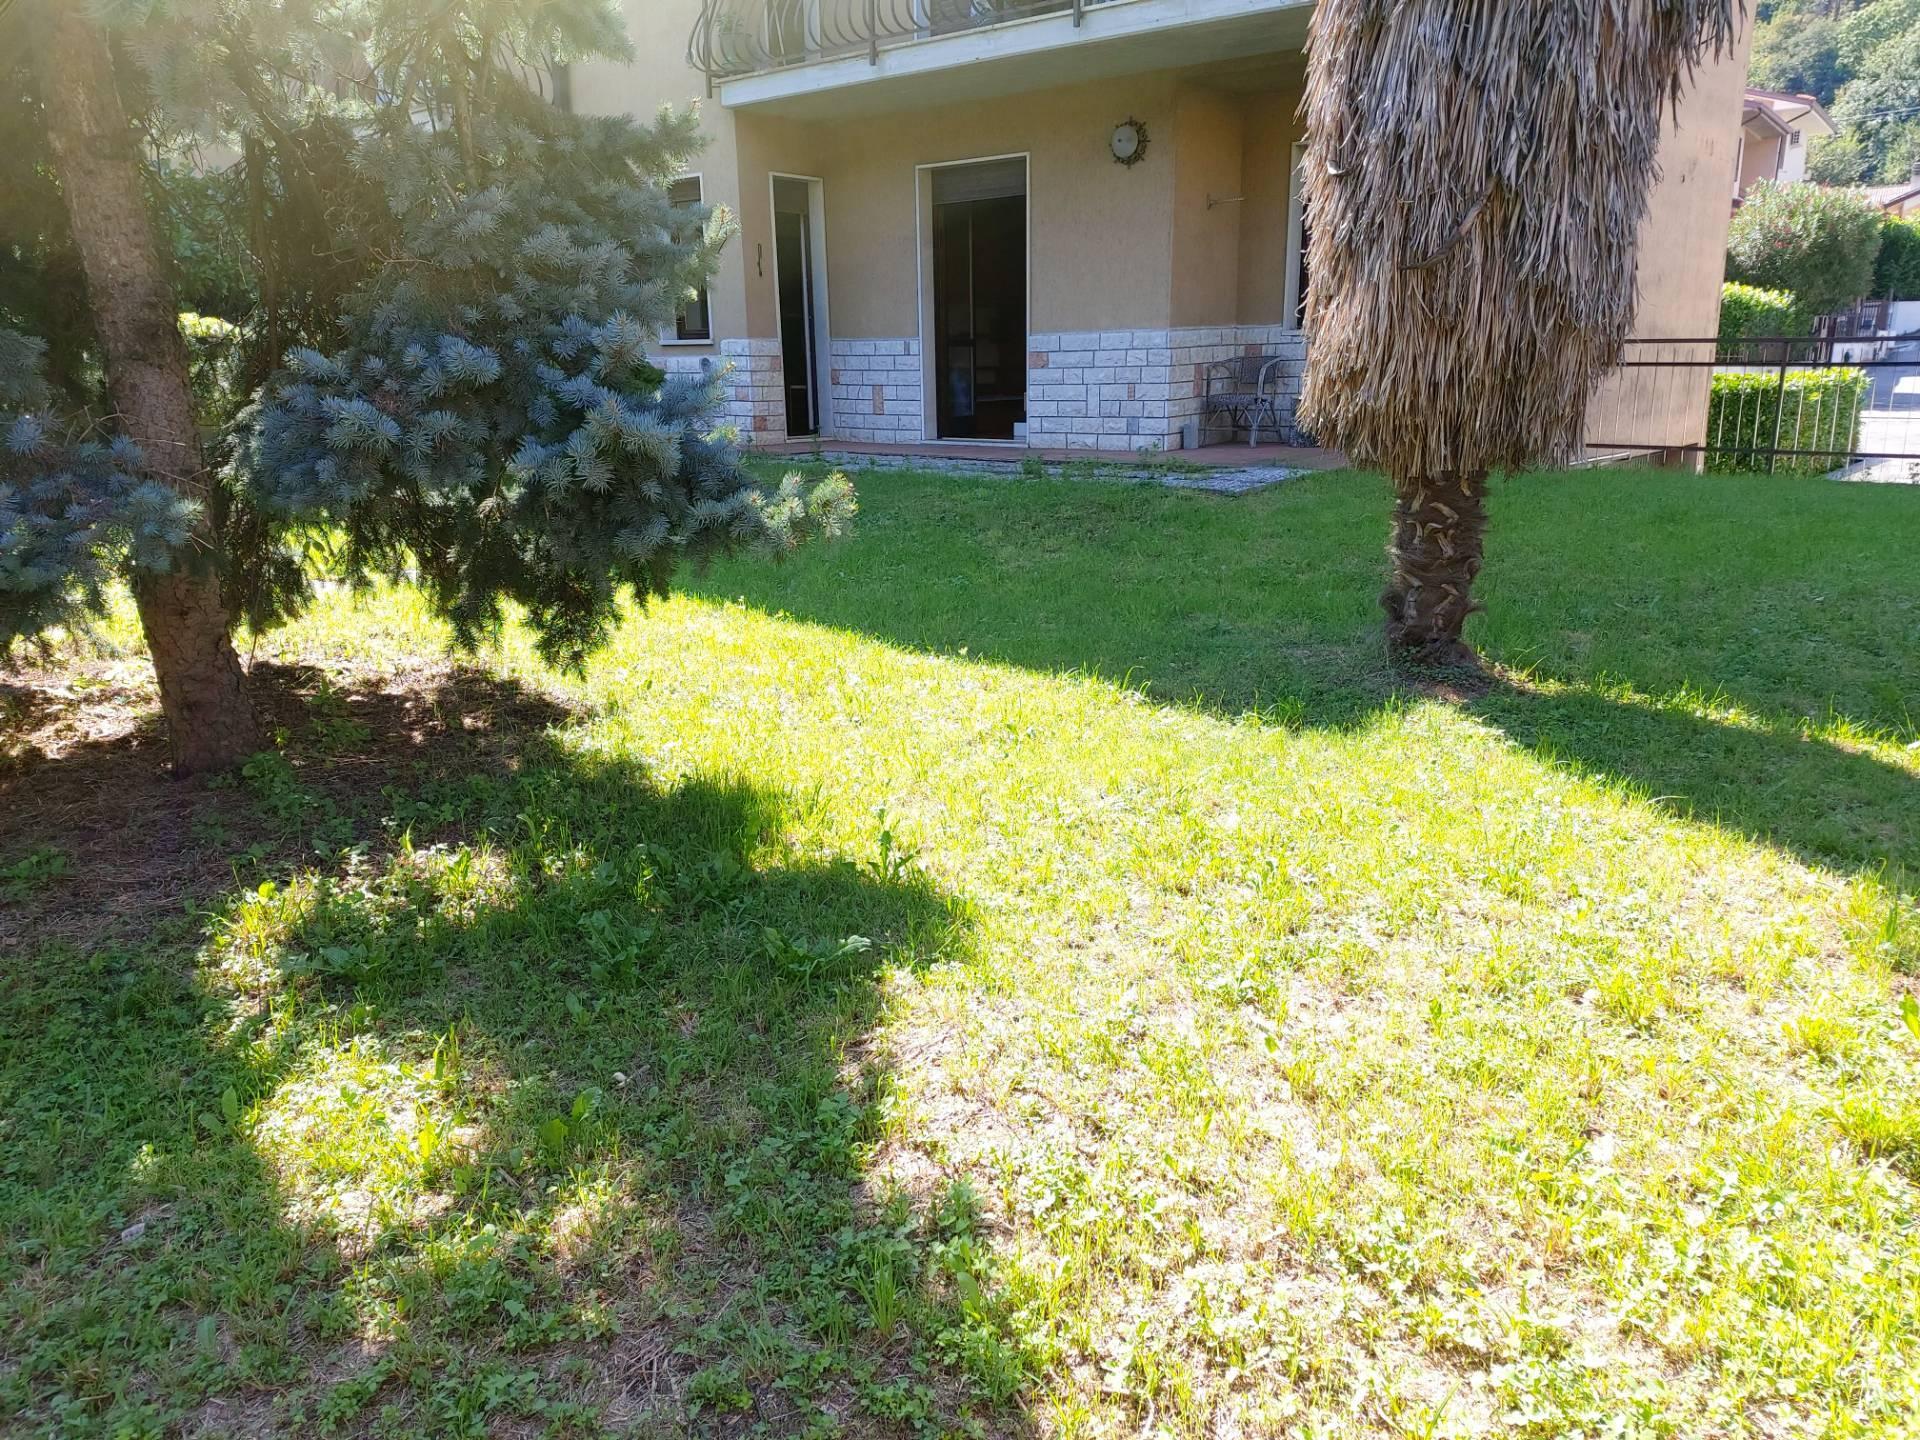 Appartamento in vendita a Villa Carcina, 3 locali, zona Zona: Villa, prezzo € 148.000 | CambioCasa.it